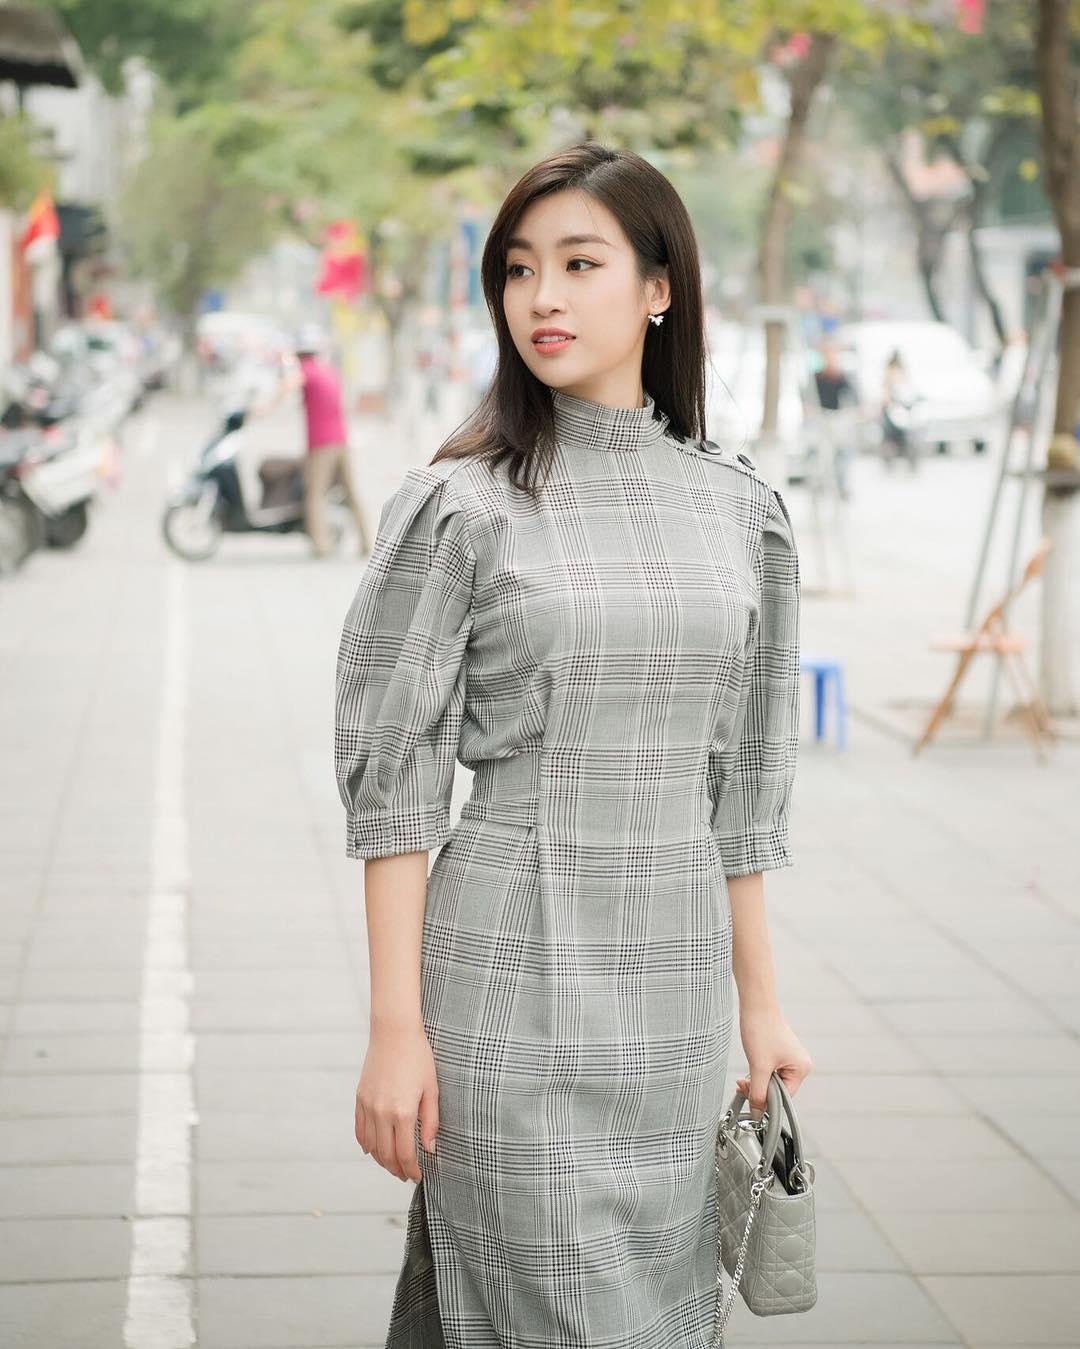 Tin sao Việt: Angela Phương Trinh vén váy khoe vòng 3 sau nghi vấn đẹp nhờ bác sĩ-6